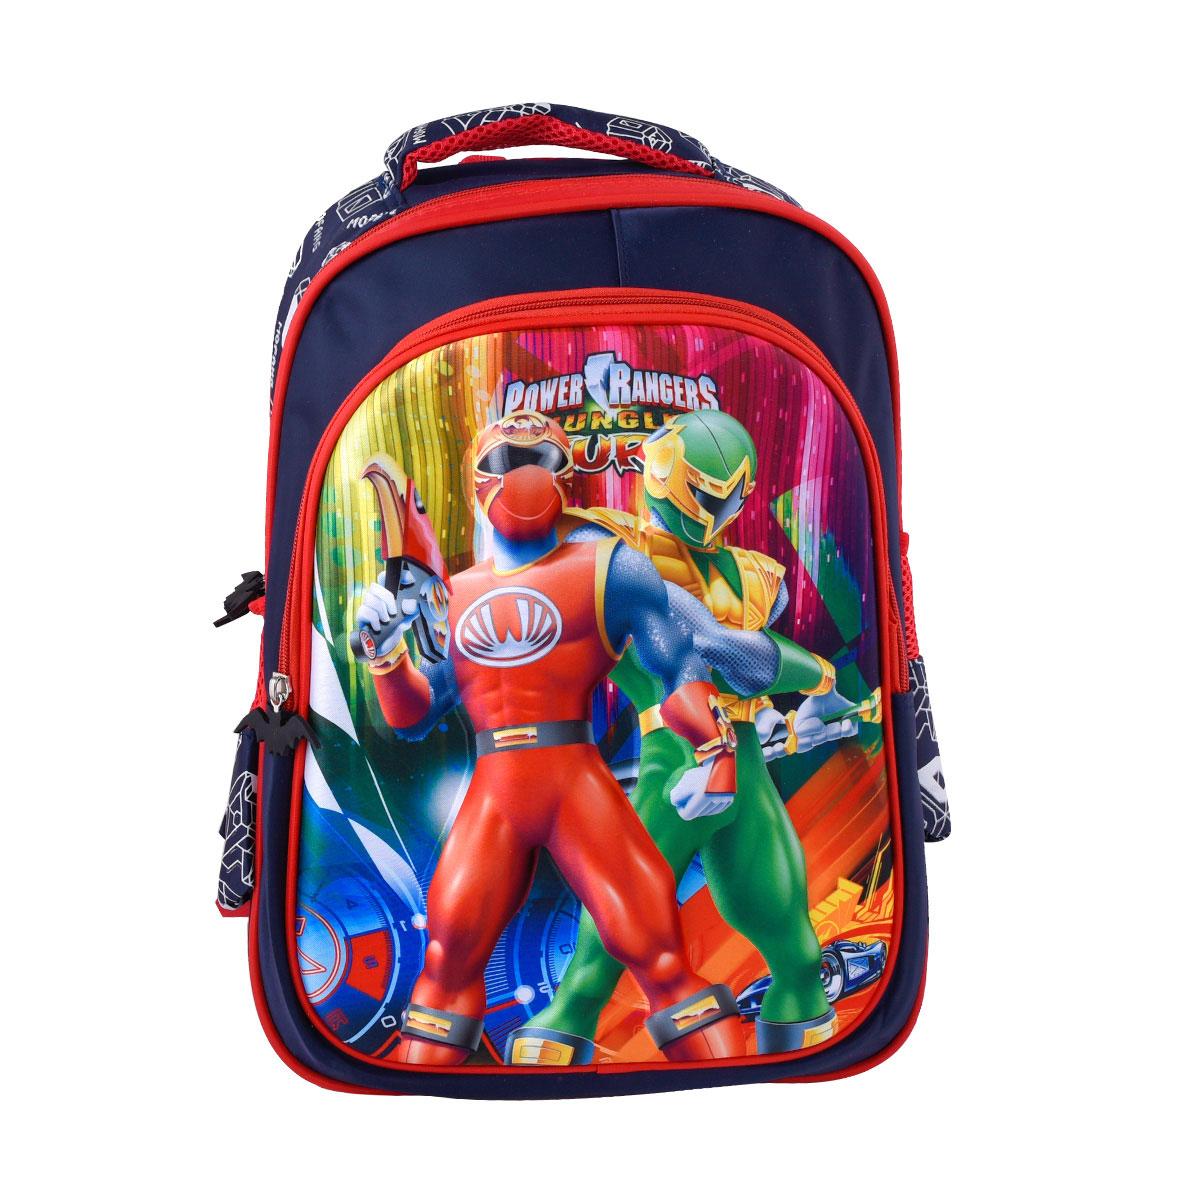 حقيبة ظهر شخصيات مدرسية للاطفال - رقم 20610